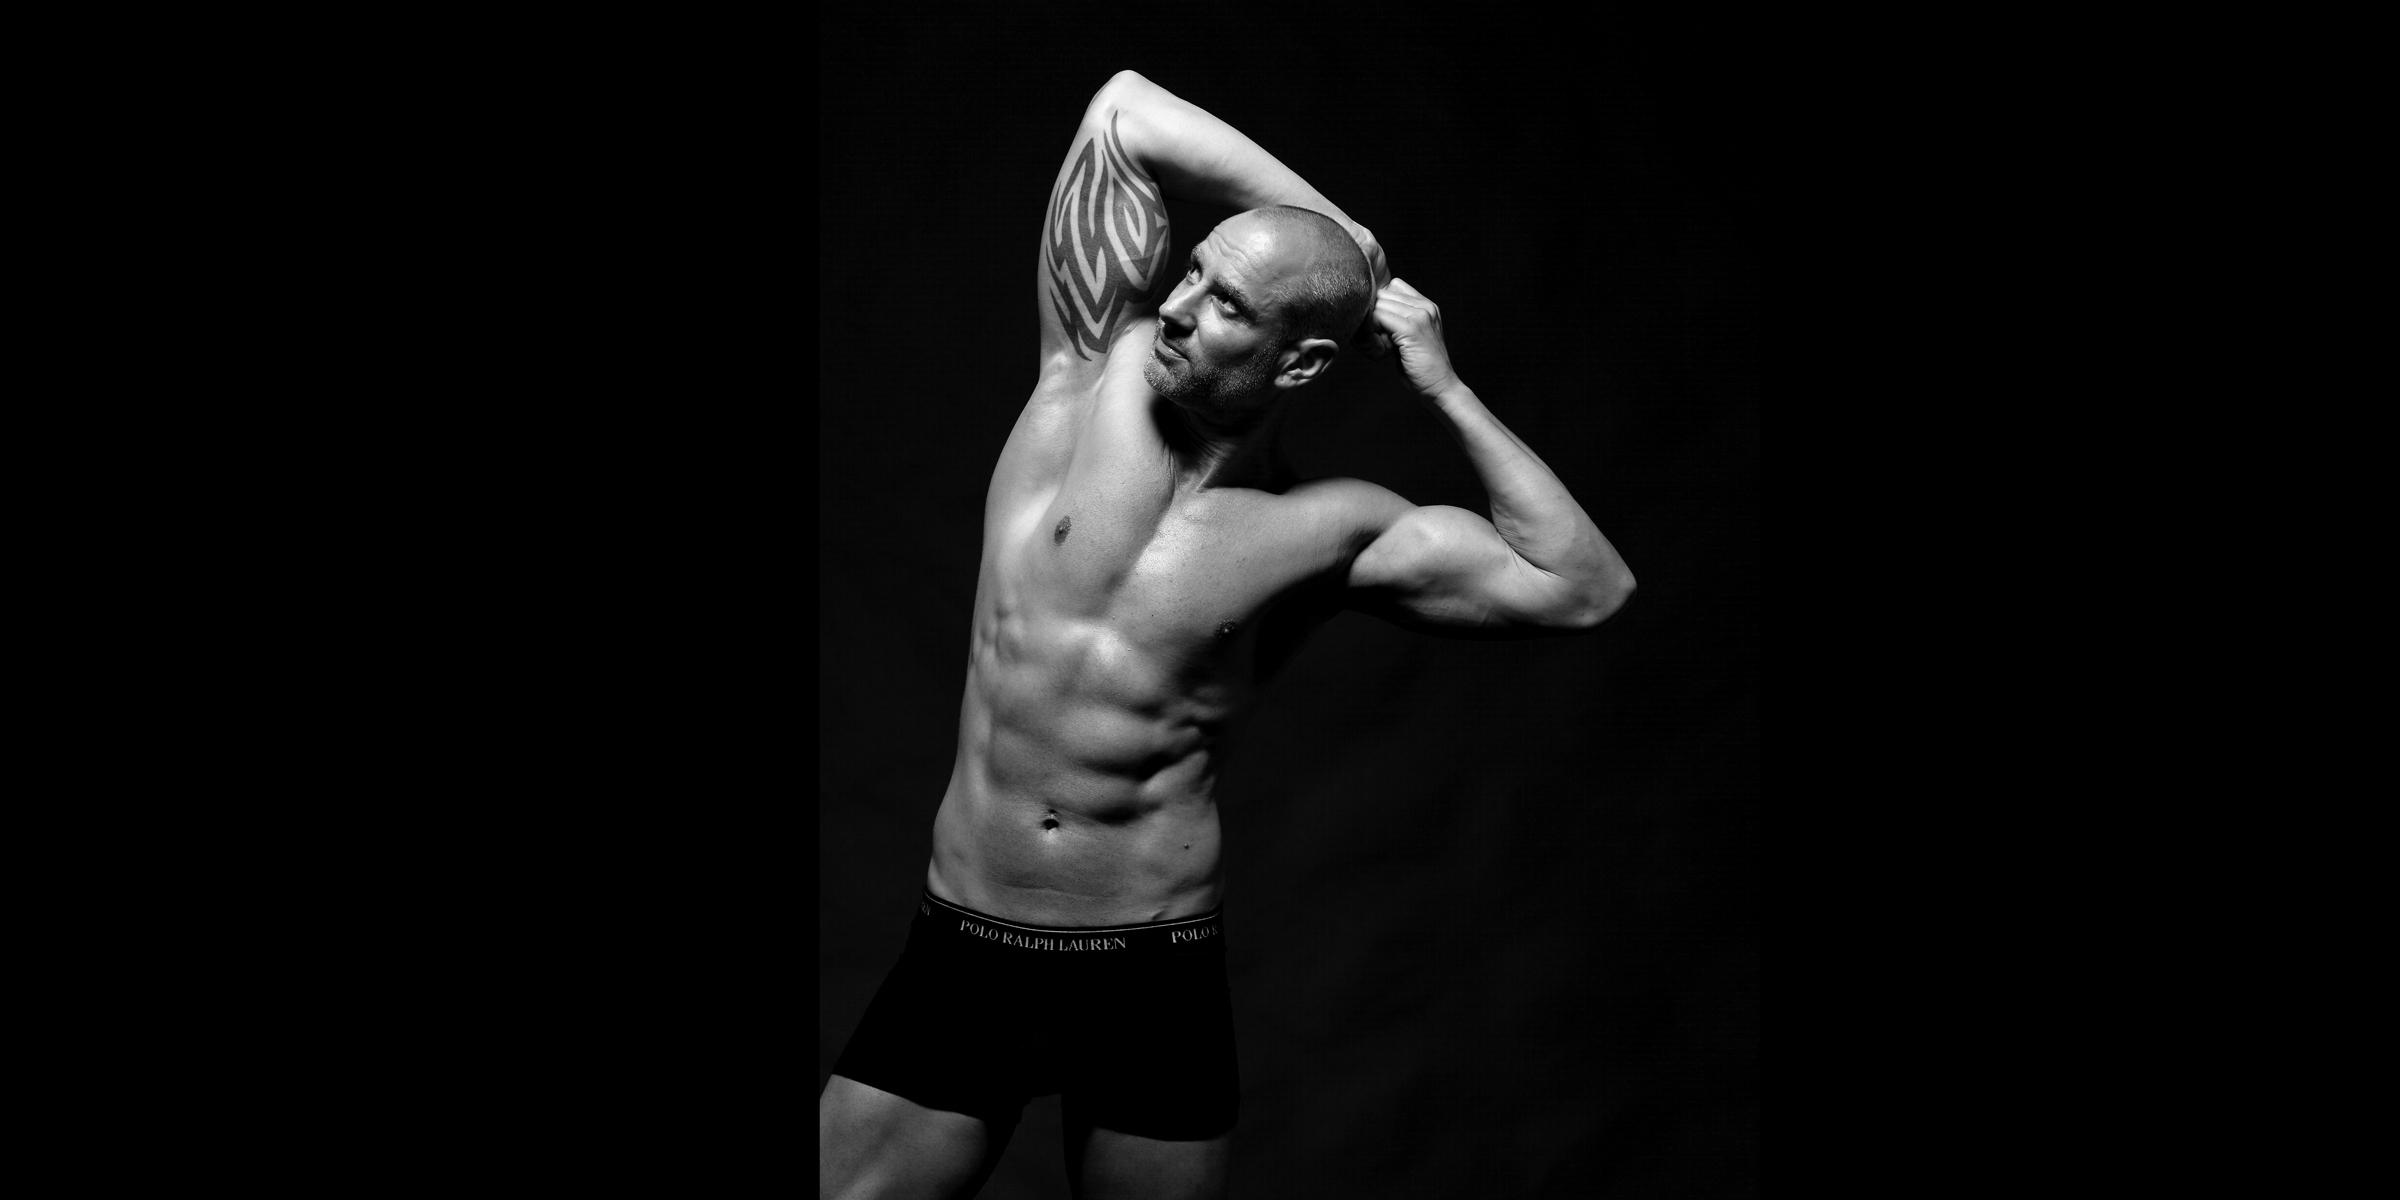 Schwarz-weiß Oberkörper-Portrait eines muskulösen Mannes mit auffälligen Oberarm-Tattoo, der mit angespannten Armen über dem Kopf posiert.